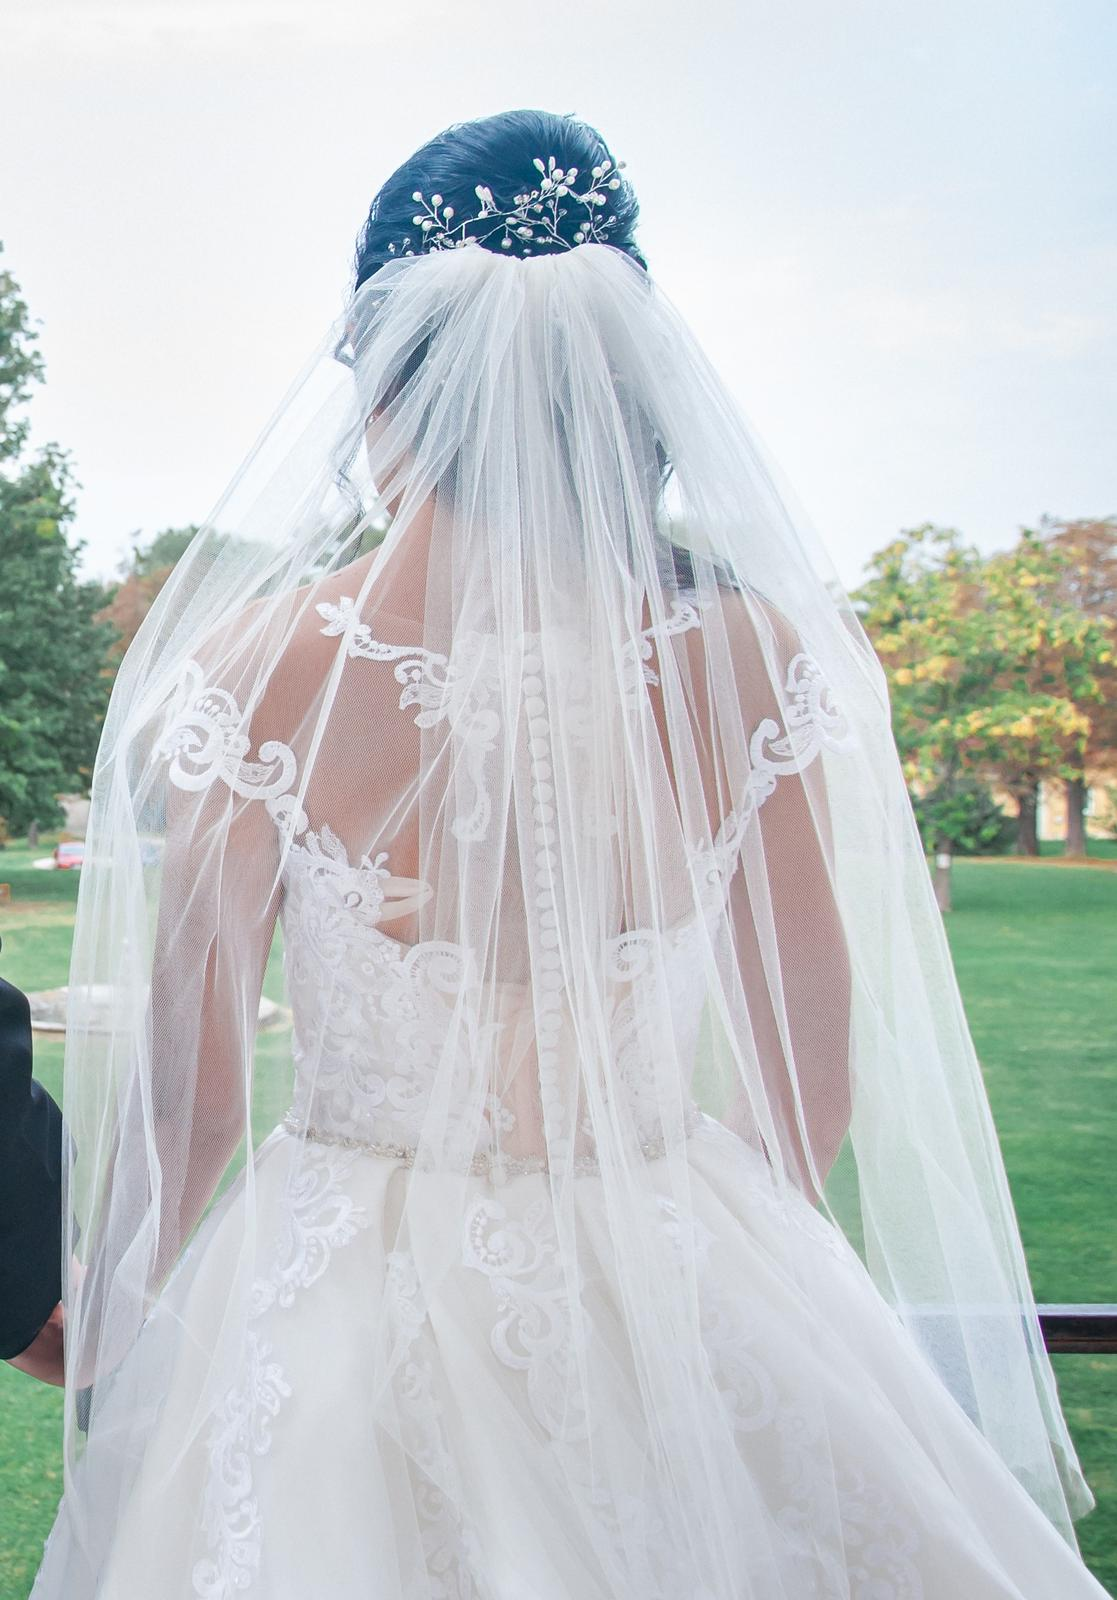 Svadobné šaty Eva Grandes - Obrázok č. 2